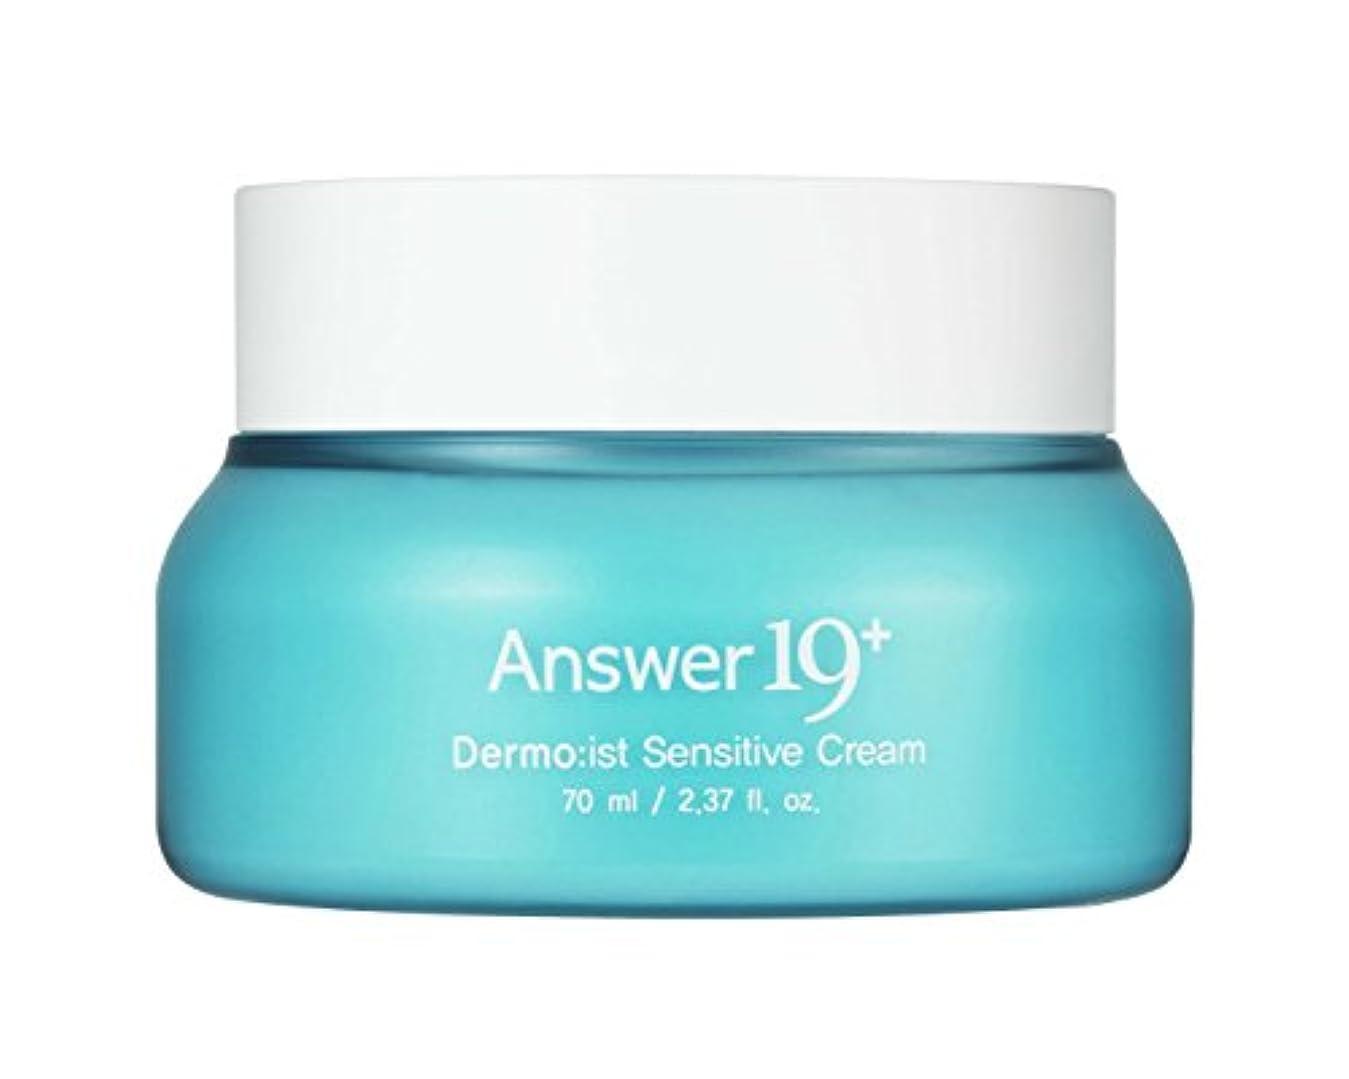 どうしたの競う慈悲[ANSWER NINETEEN +] 感受性クリーム - 敏感肌のための深いモイスチャライジング、鎮静効果。 天然スーパーフード成分、パンテノール(ビタミンB5)、ベータグルカン、ヒアルロン酸、70ml